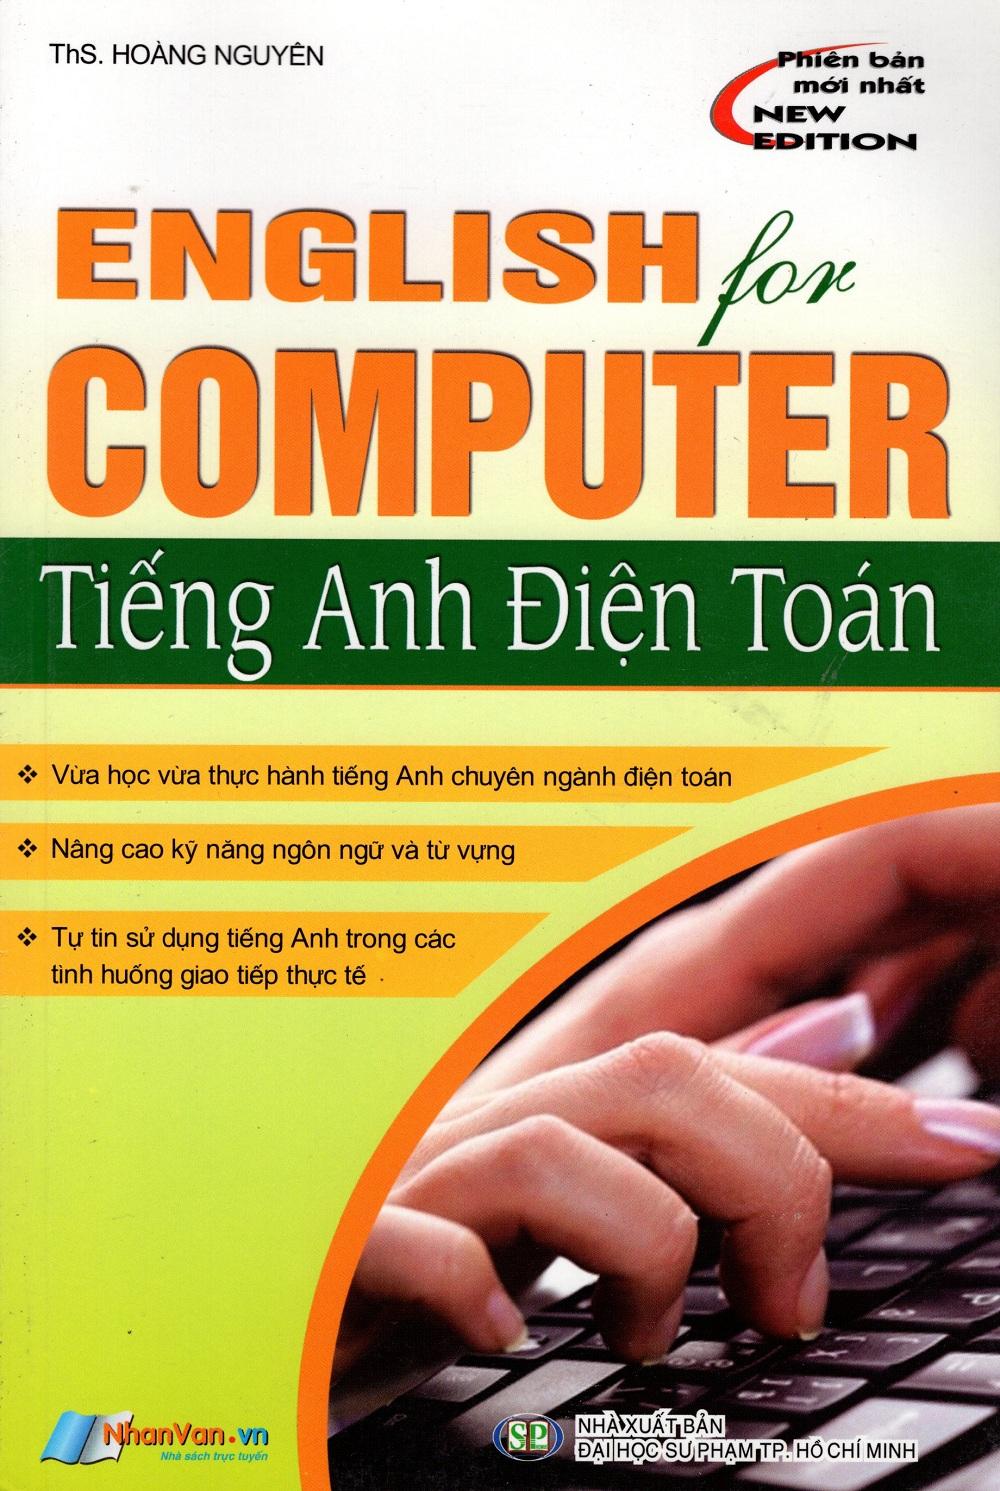 Bìa sách Tiếng Anh Điện Toán (New Edition)